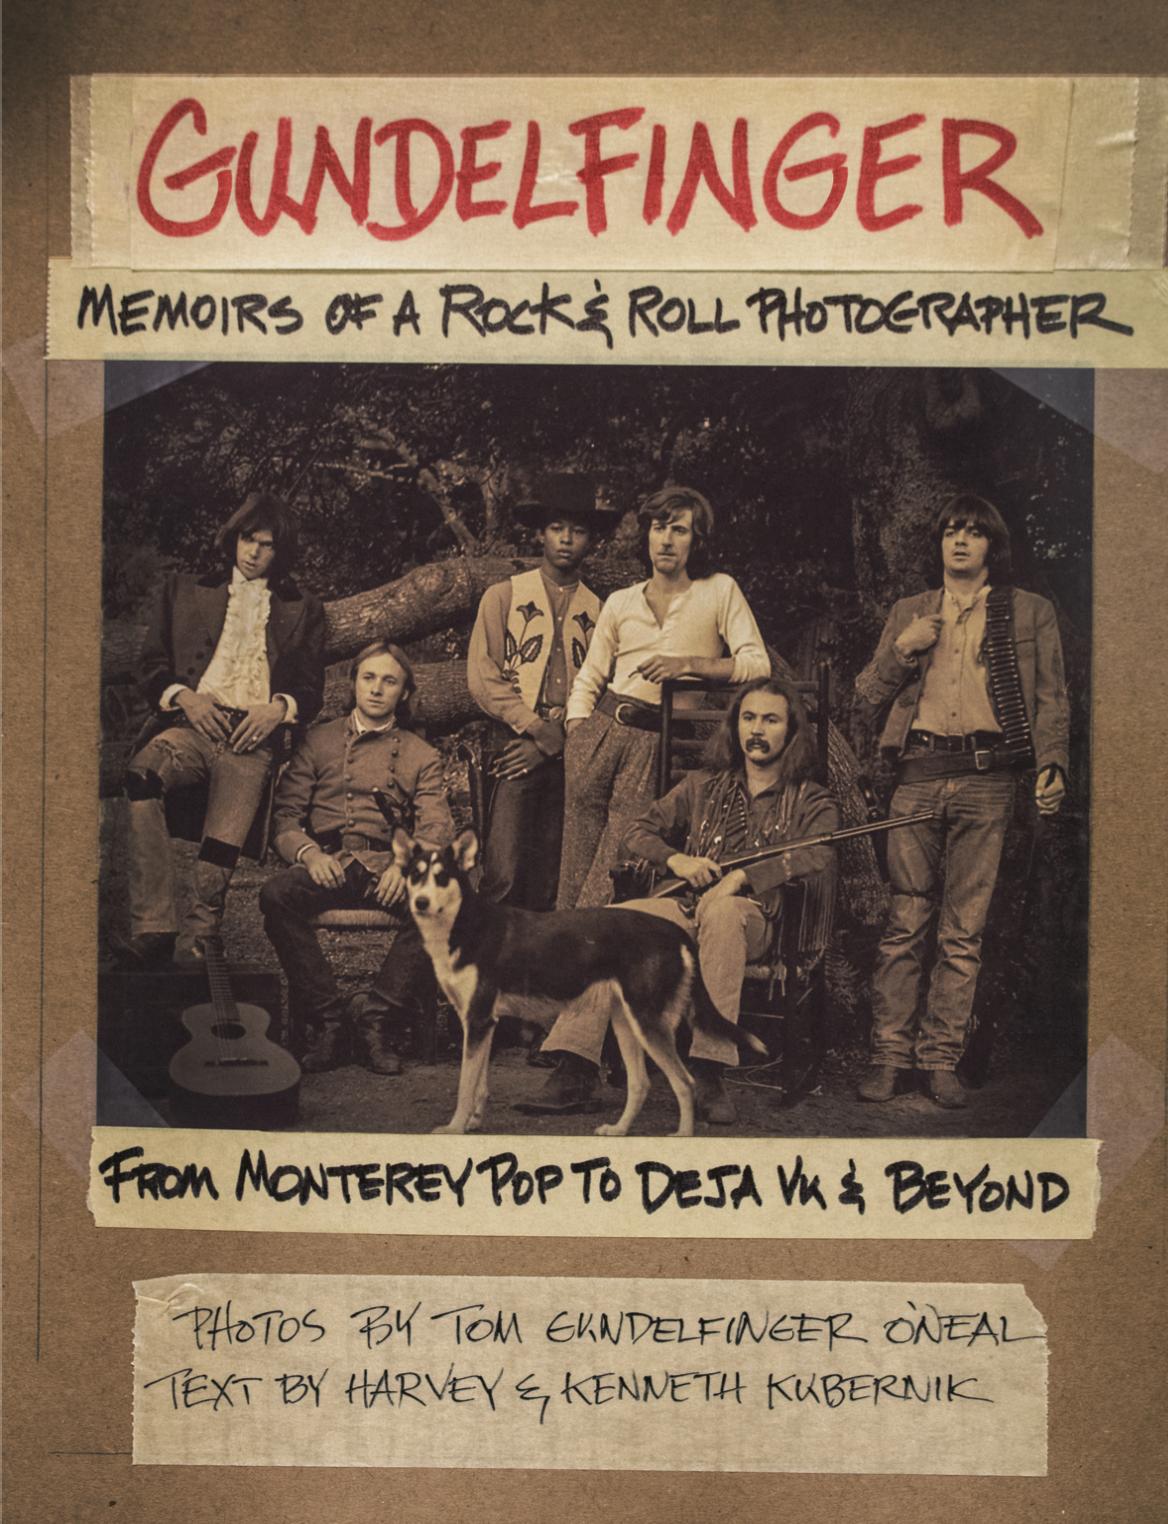 Gundelfinger:  Memoirs of a Rock & Roll Photographer